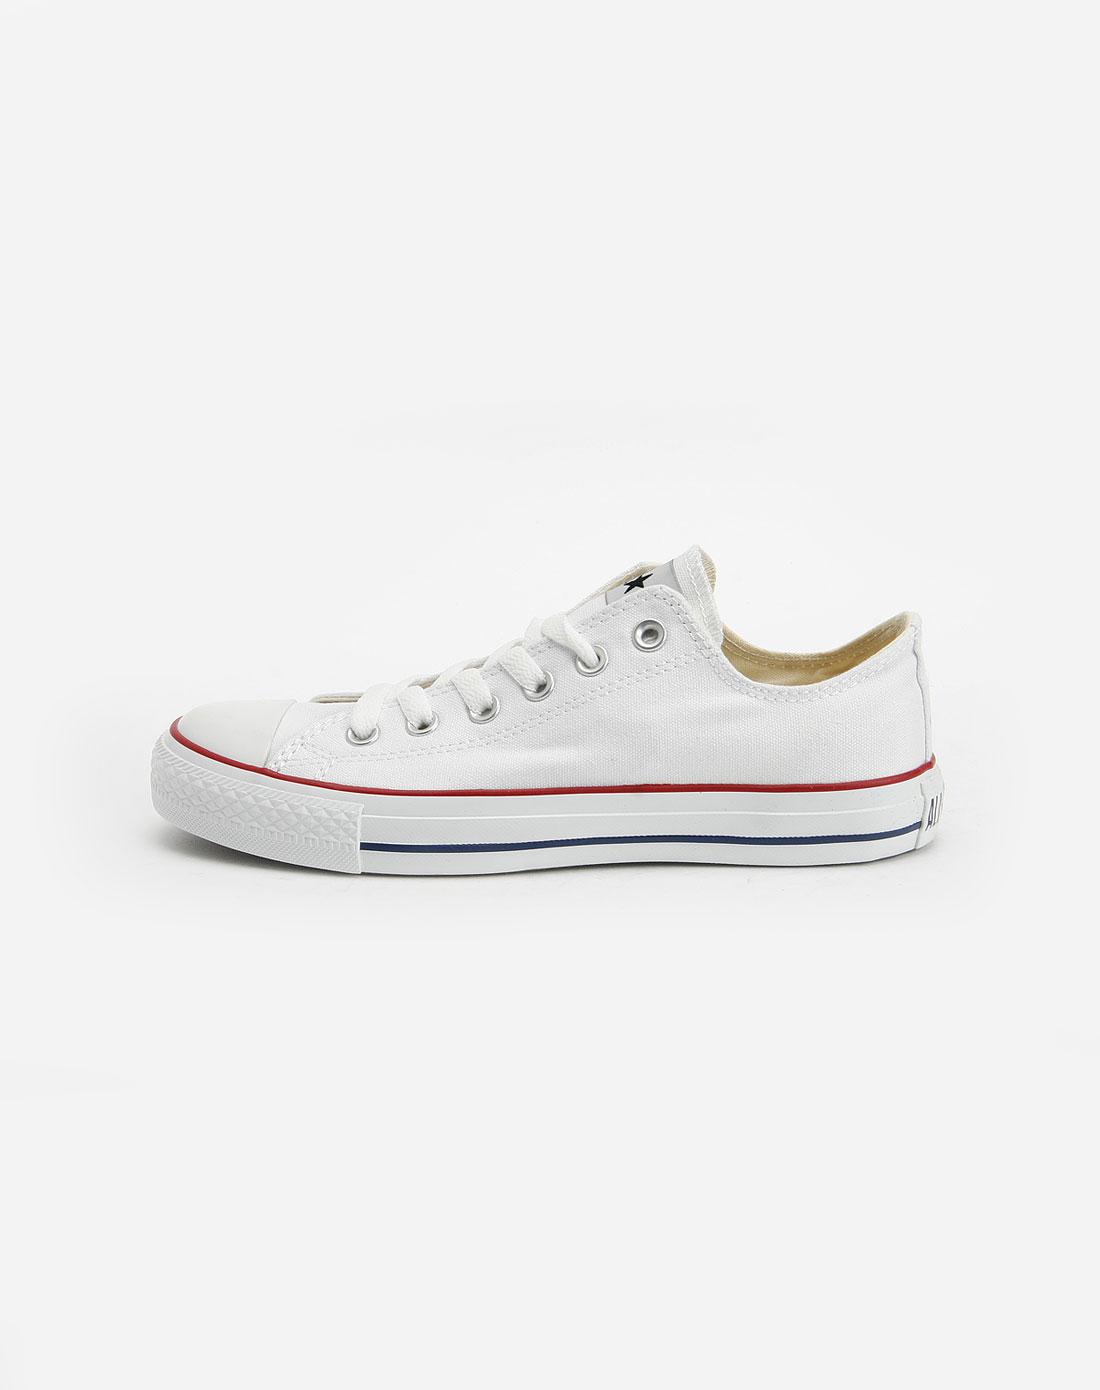 运动品牌匡威 中性白色布鞋101000